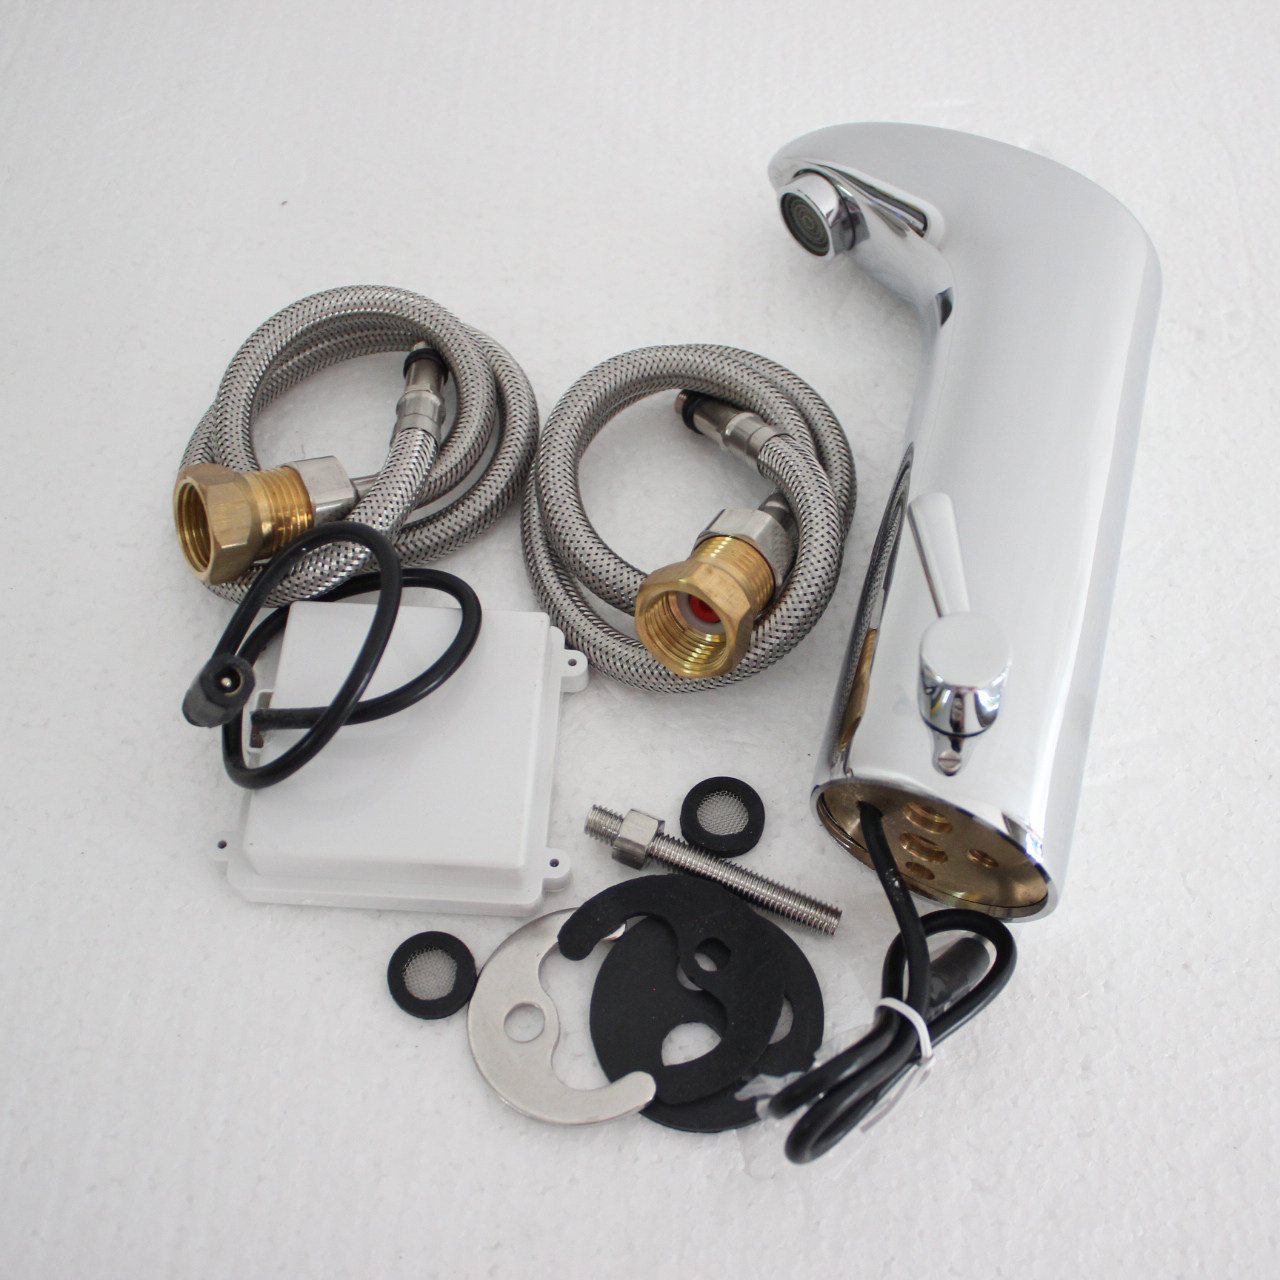 Capteur automatique robinet lavabo évier chaud et froid mélangeur mains libres Chrome poli évier robinet de vanité ZR1013 - 6